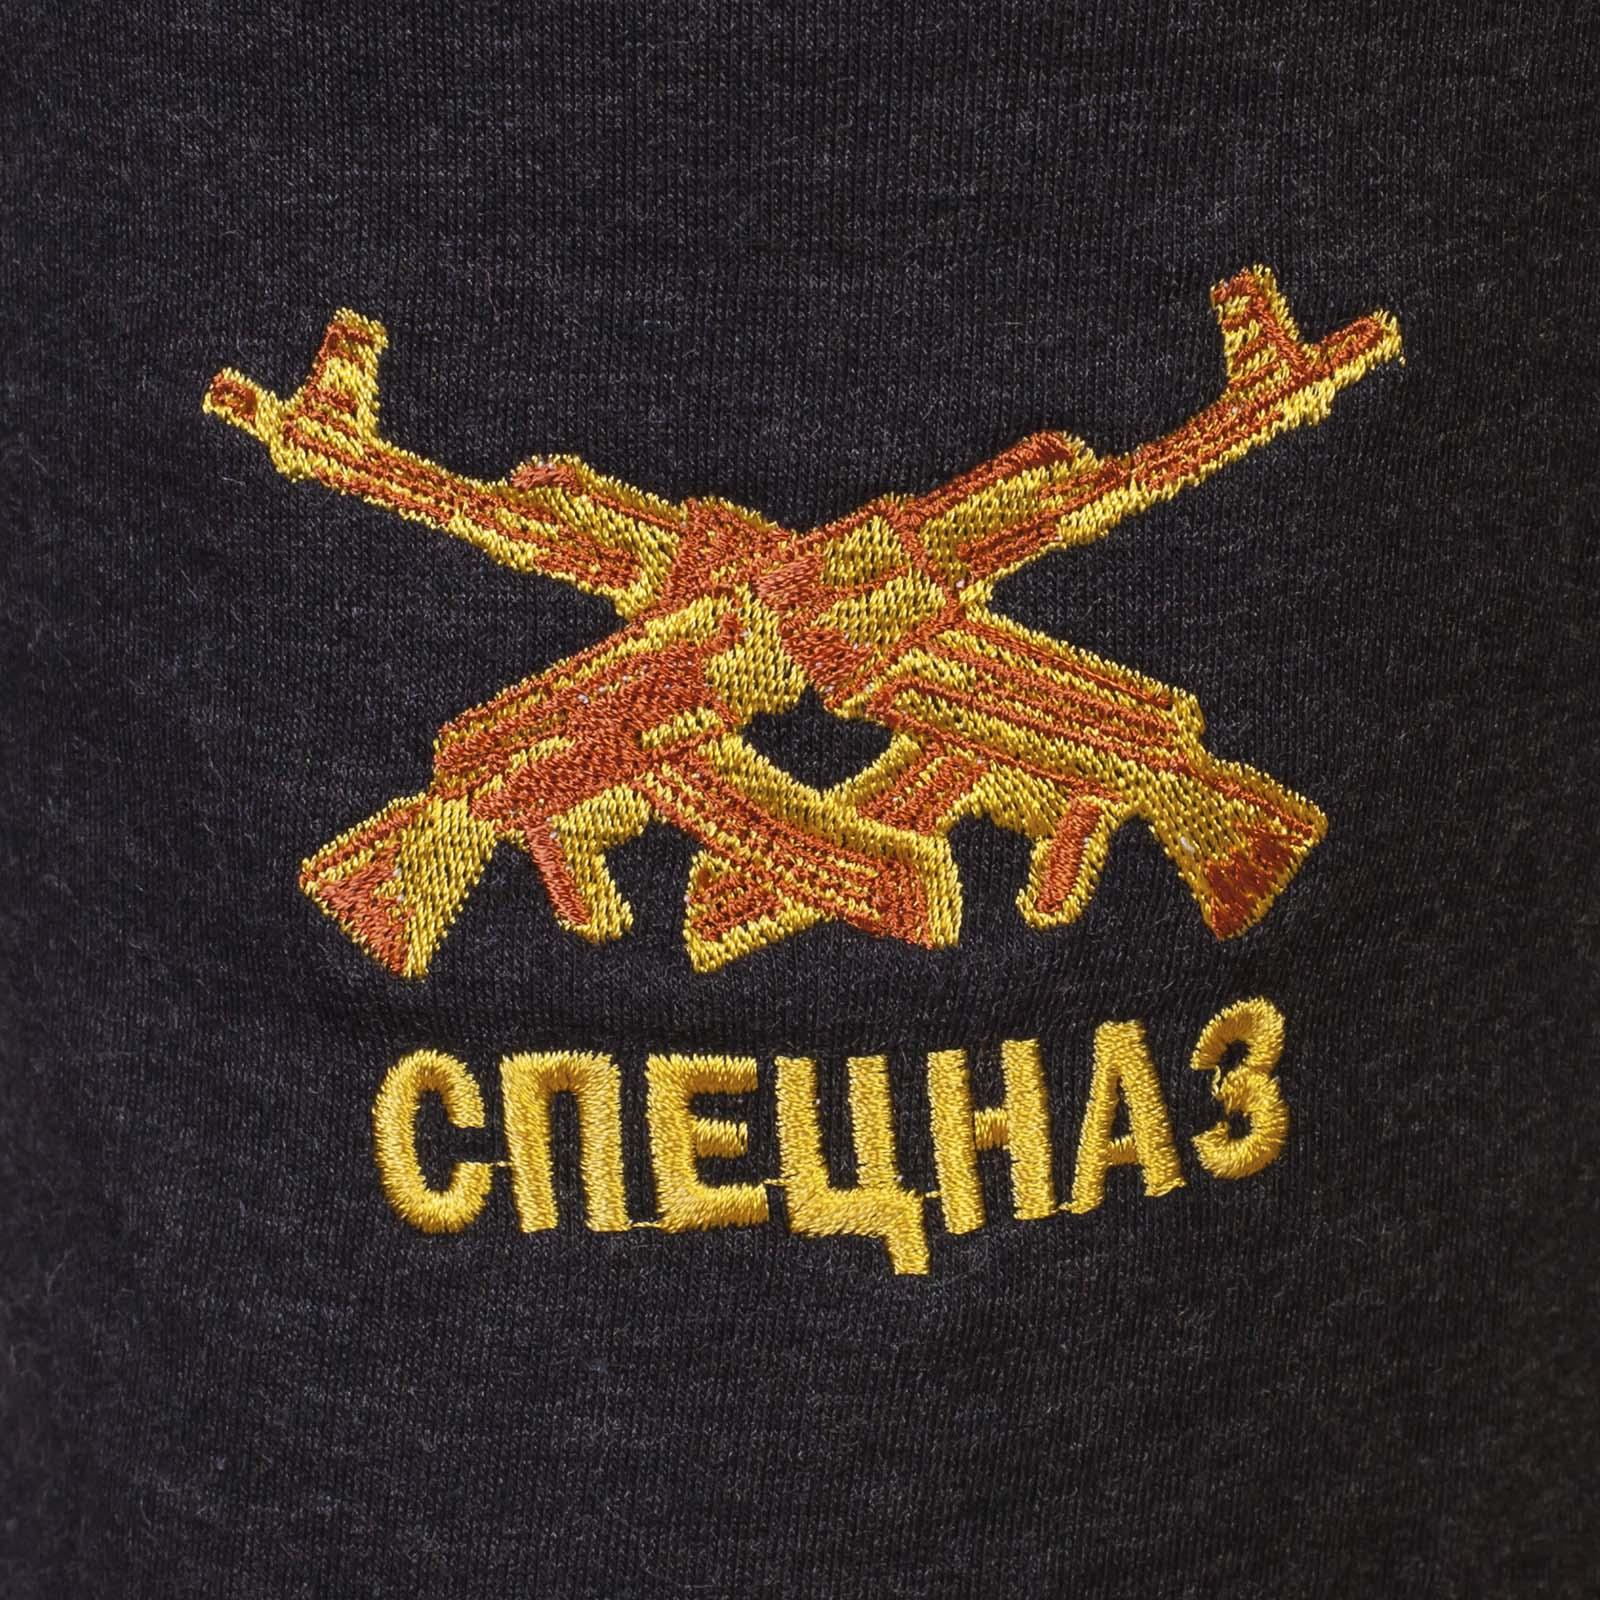 Спецназовские мужские шорты с мощной эмблемой.